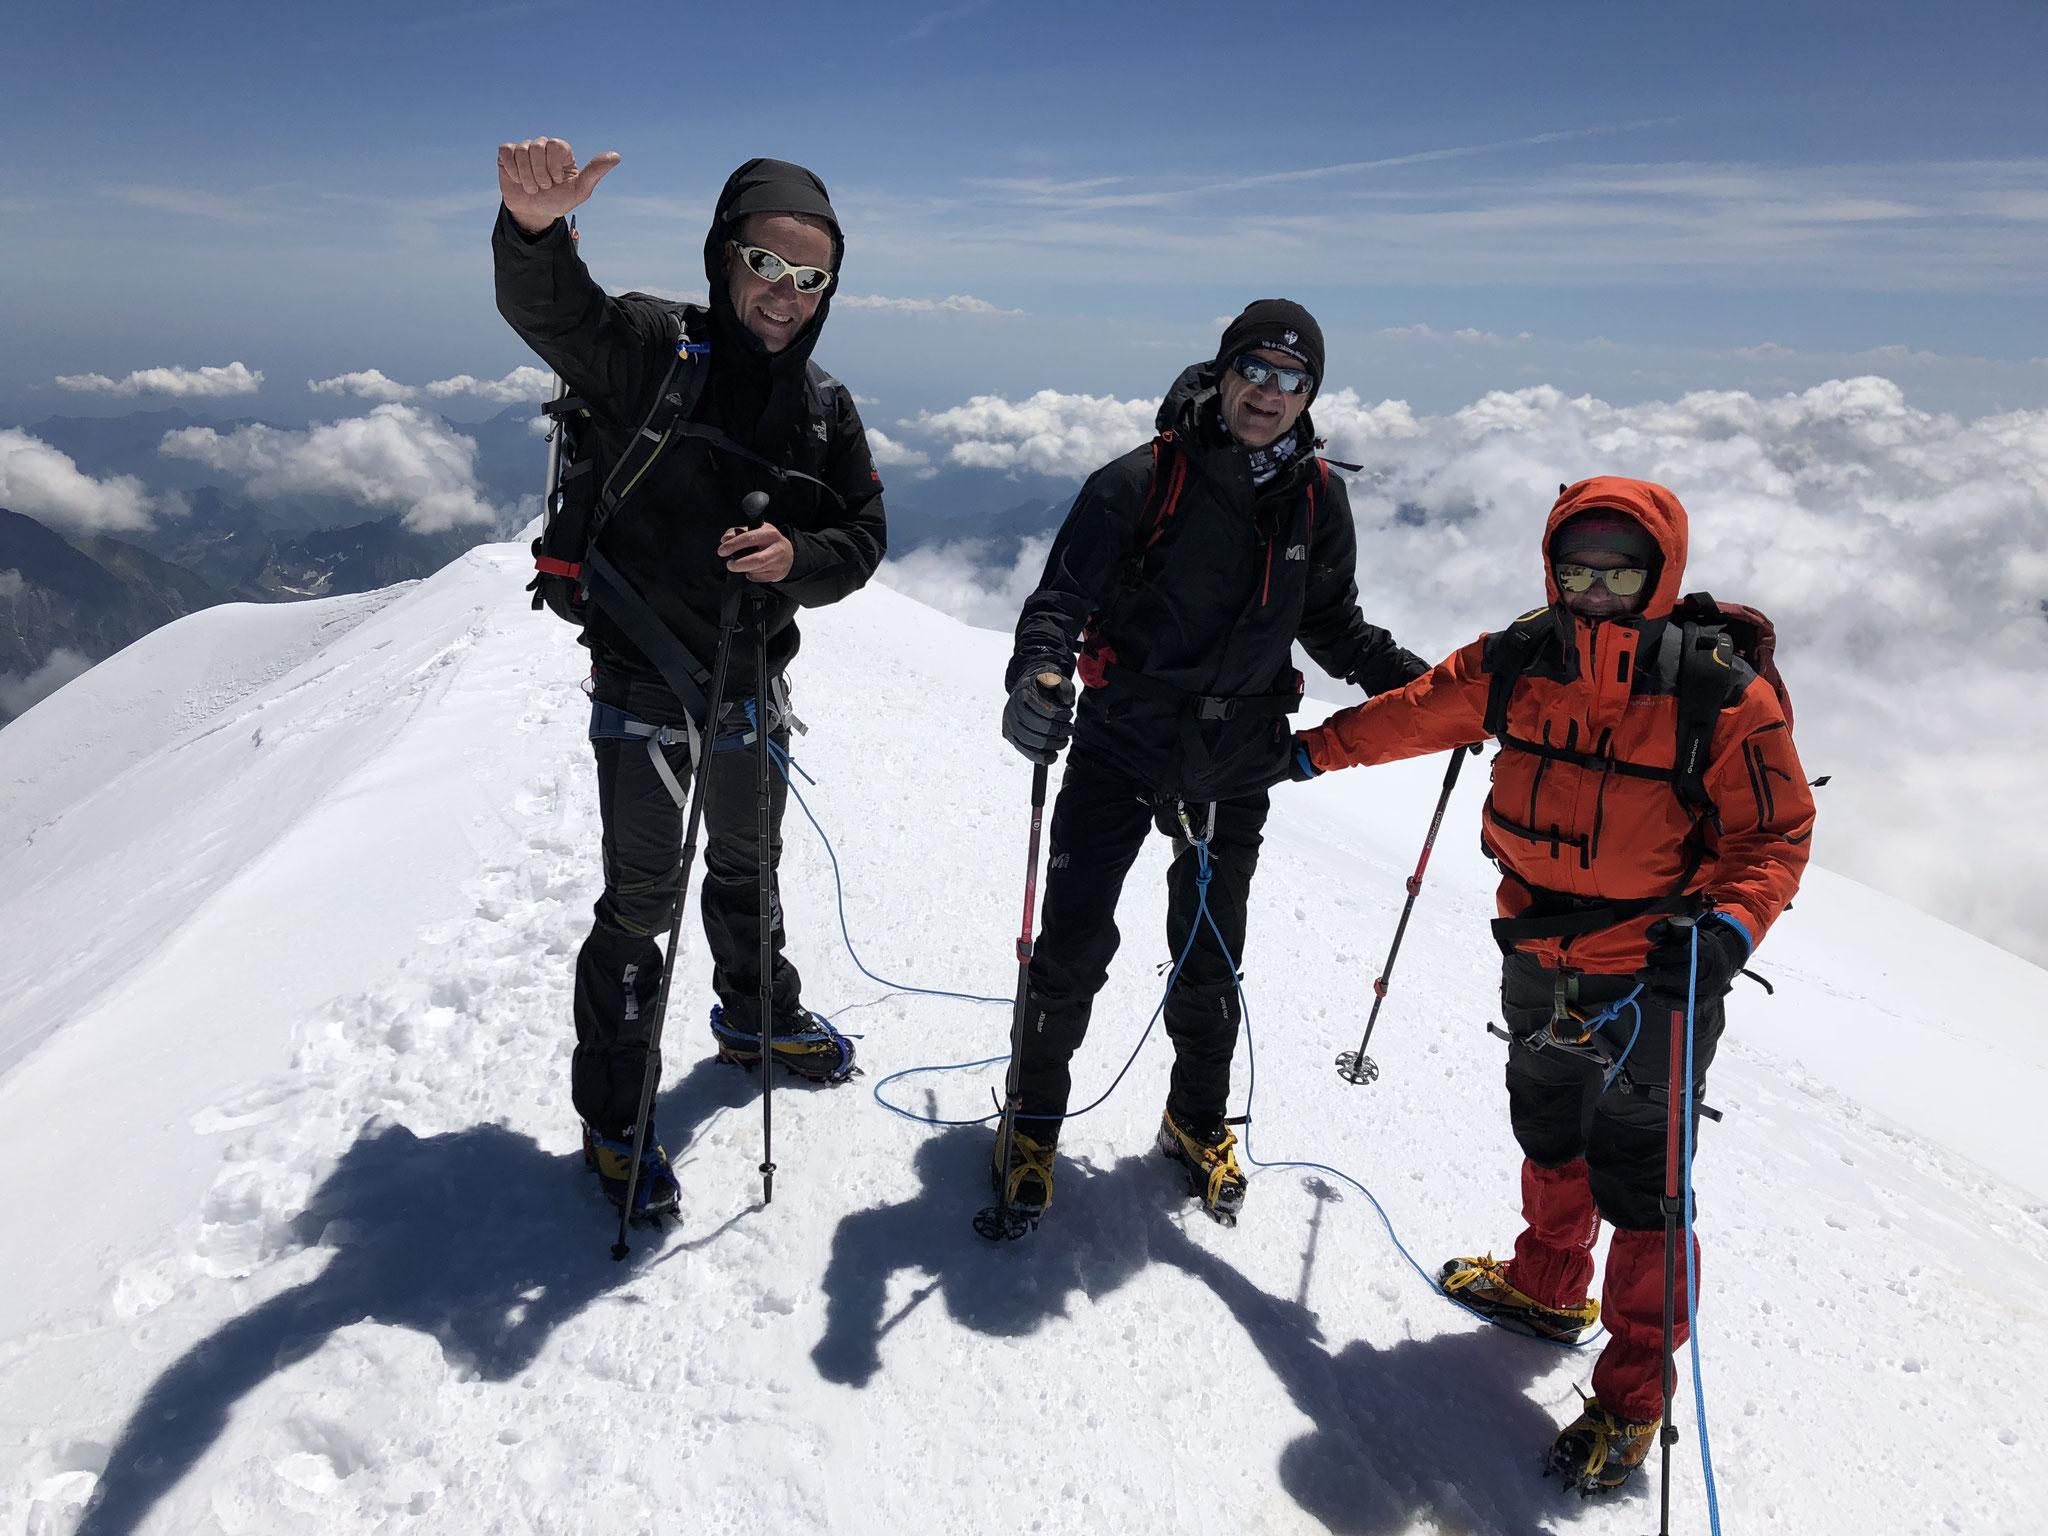 Une autre photo du sommet avec François, Gérard et Hervé